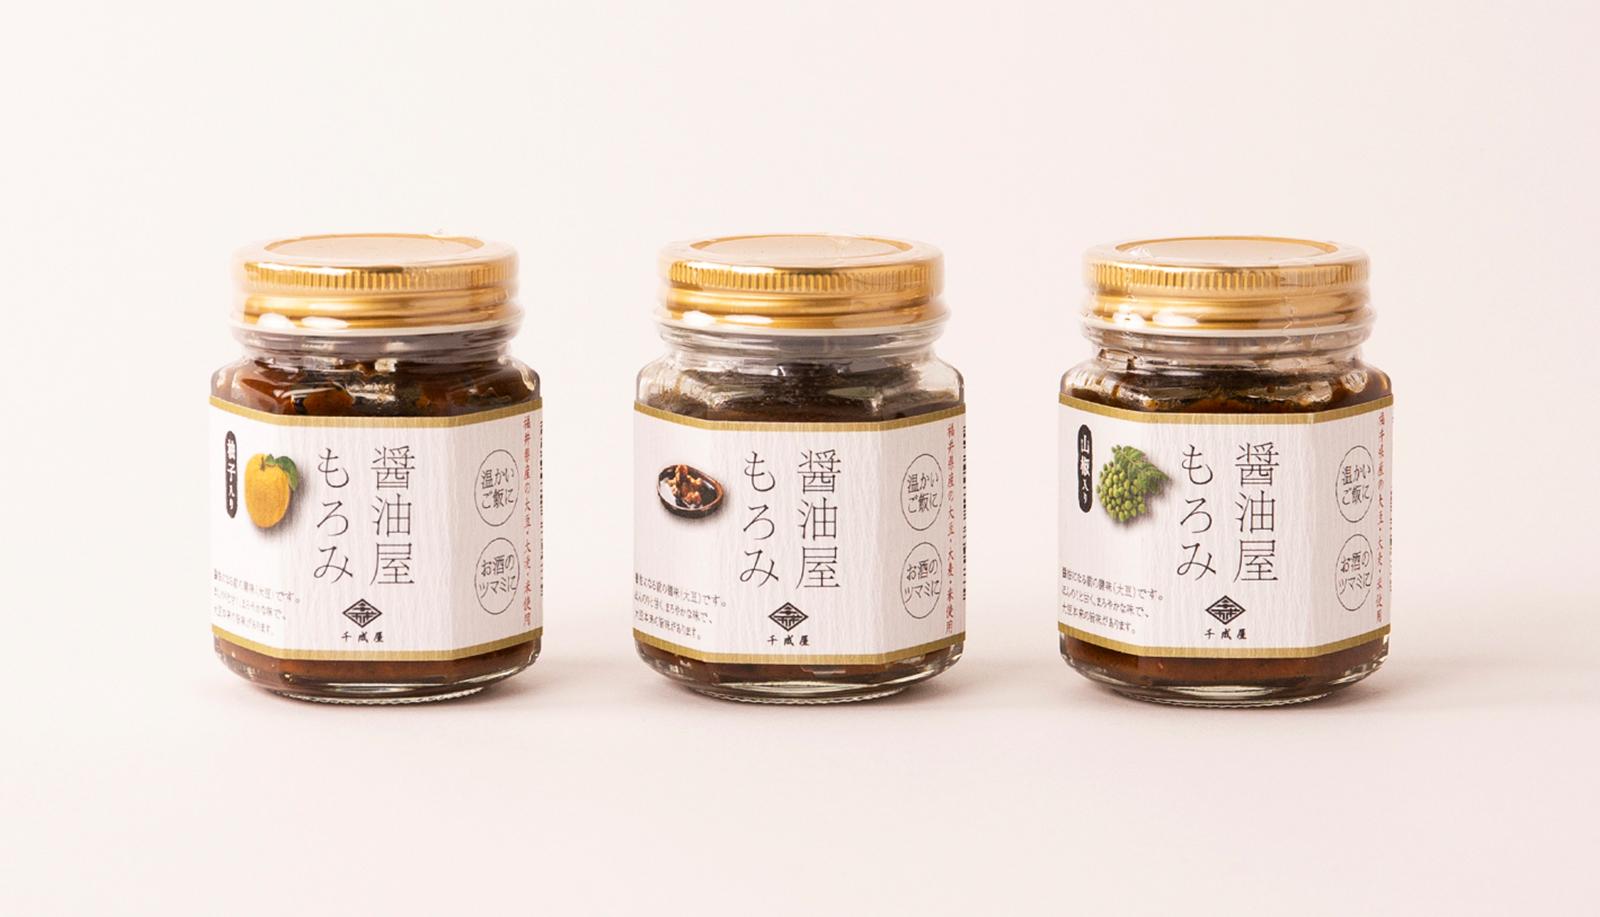 大豆がゴロゴロ!「醤油屋もろみ」&地元で長く 愛される手作り醤油「極上しょうゆ」